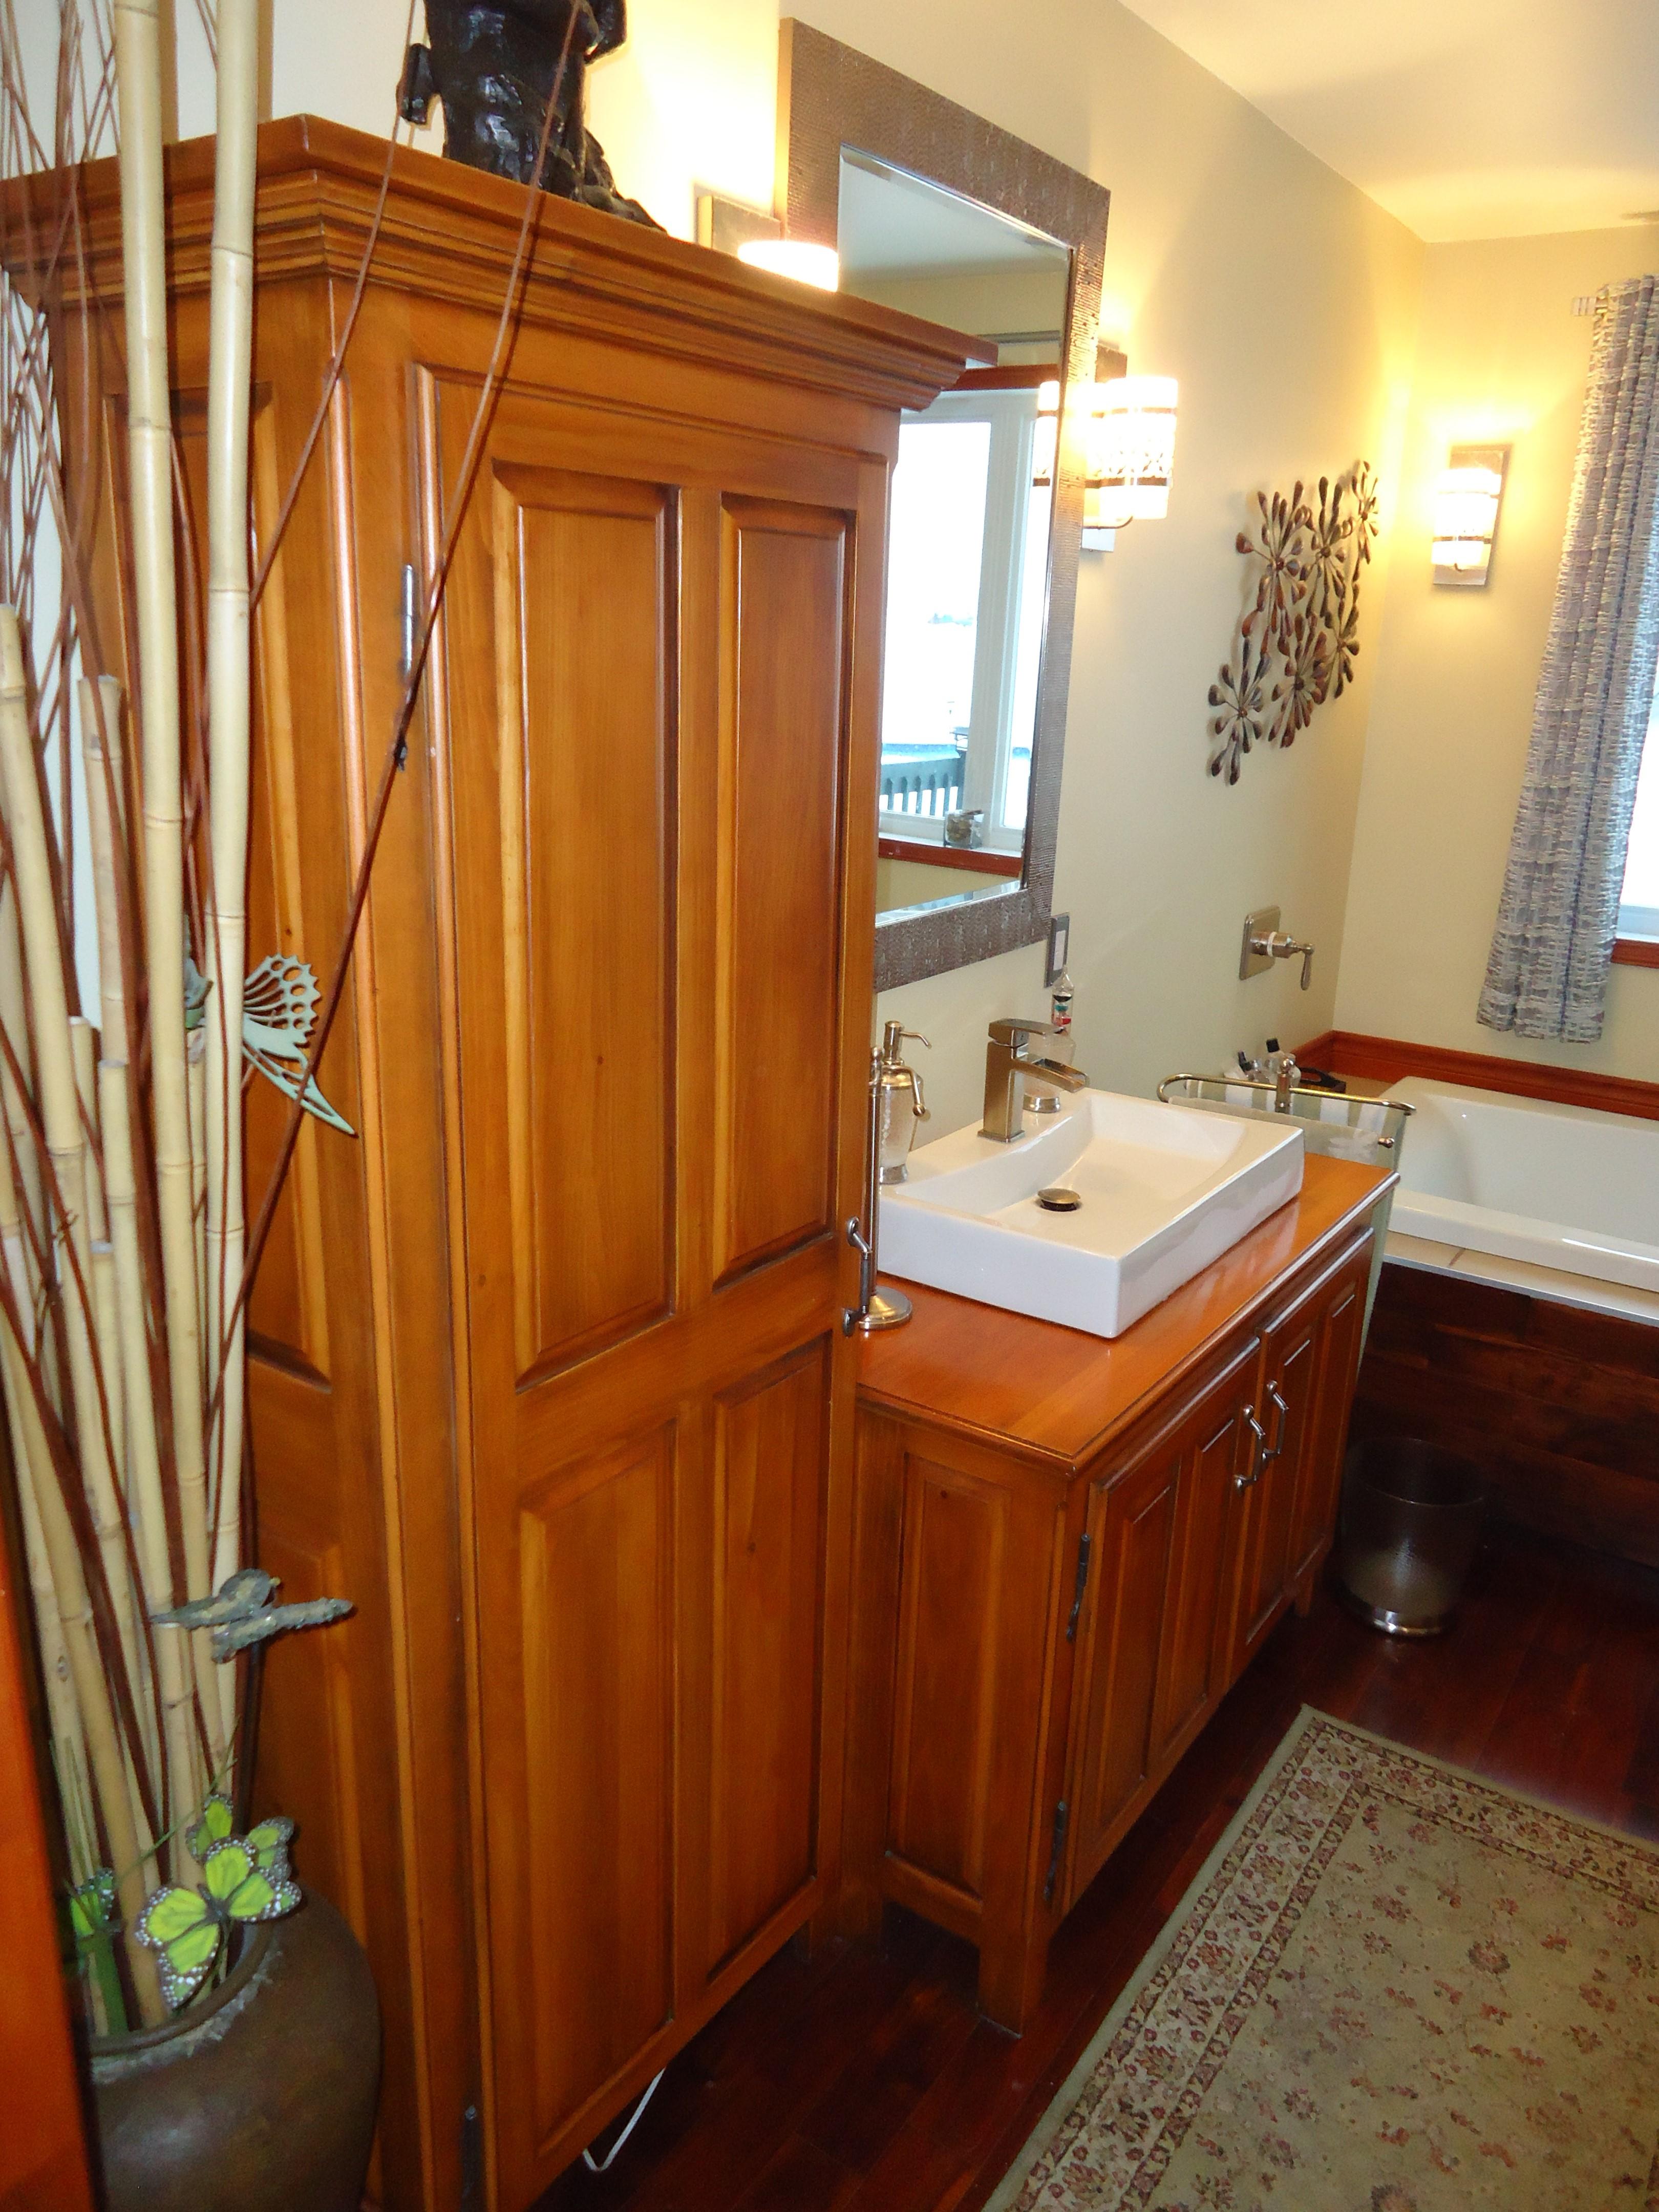 Vanit de salle de bain b nisterie le ptit castor inc for Hauteur vanite salle de bain 2